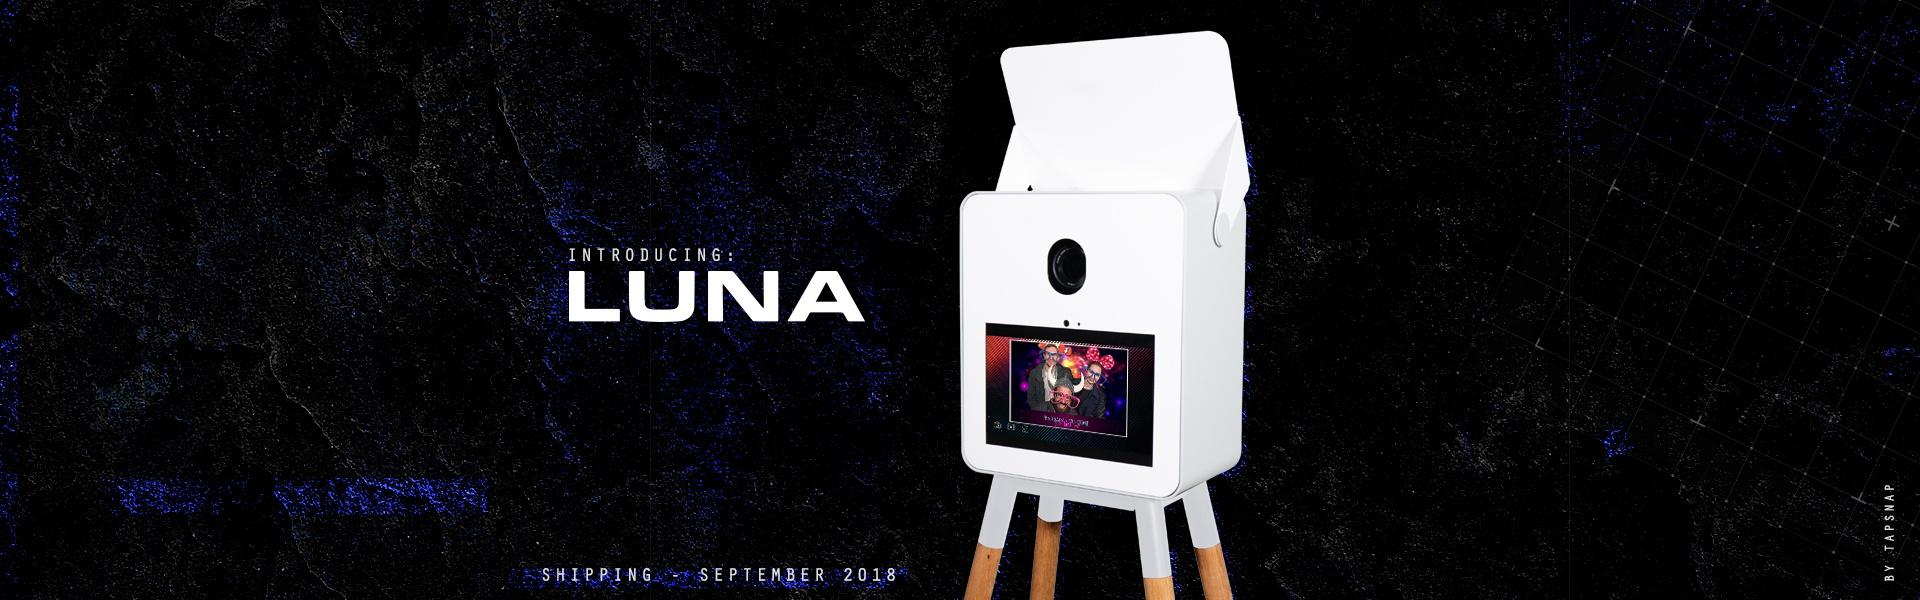 luna-banner_2.jpg